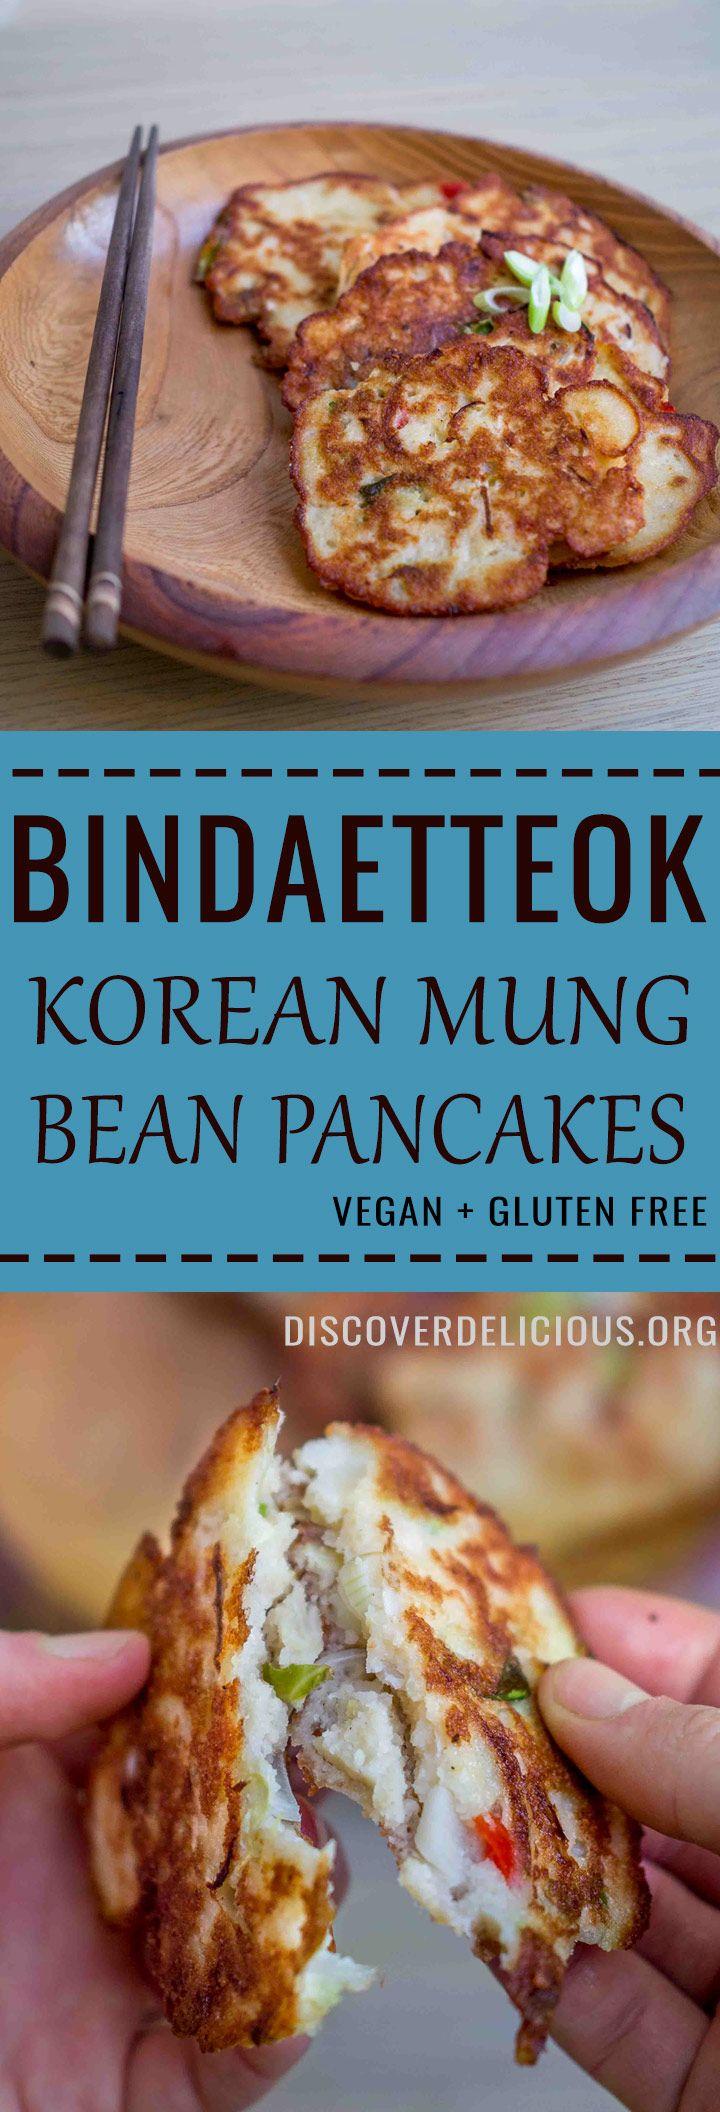 Vegan Bindaetteok - Korean Mung Bean Pancakes. Gluten free | discoverdelicious.org